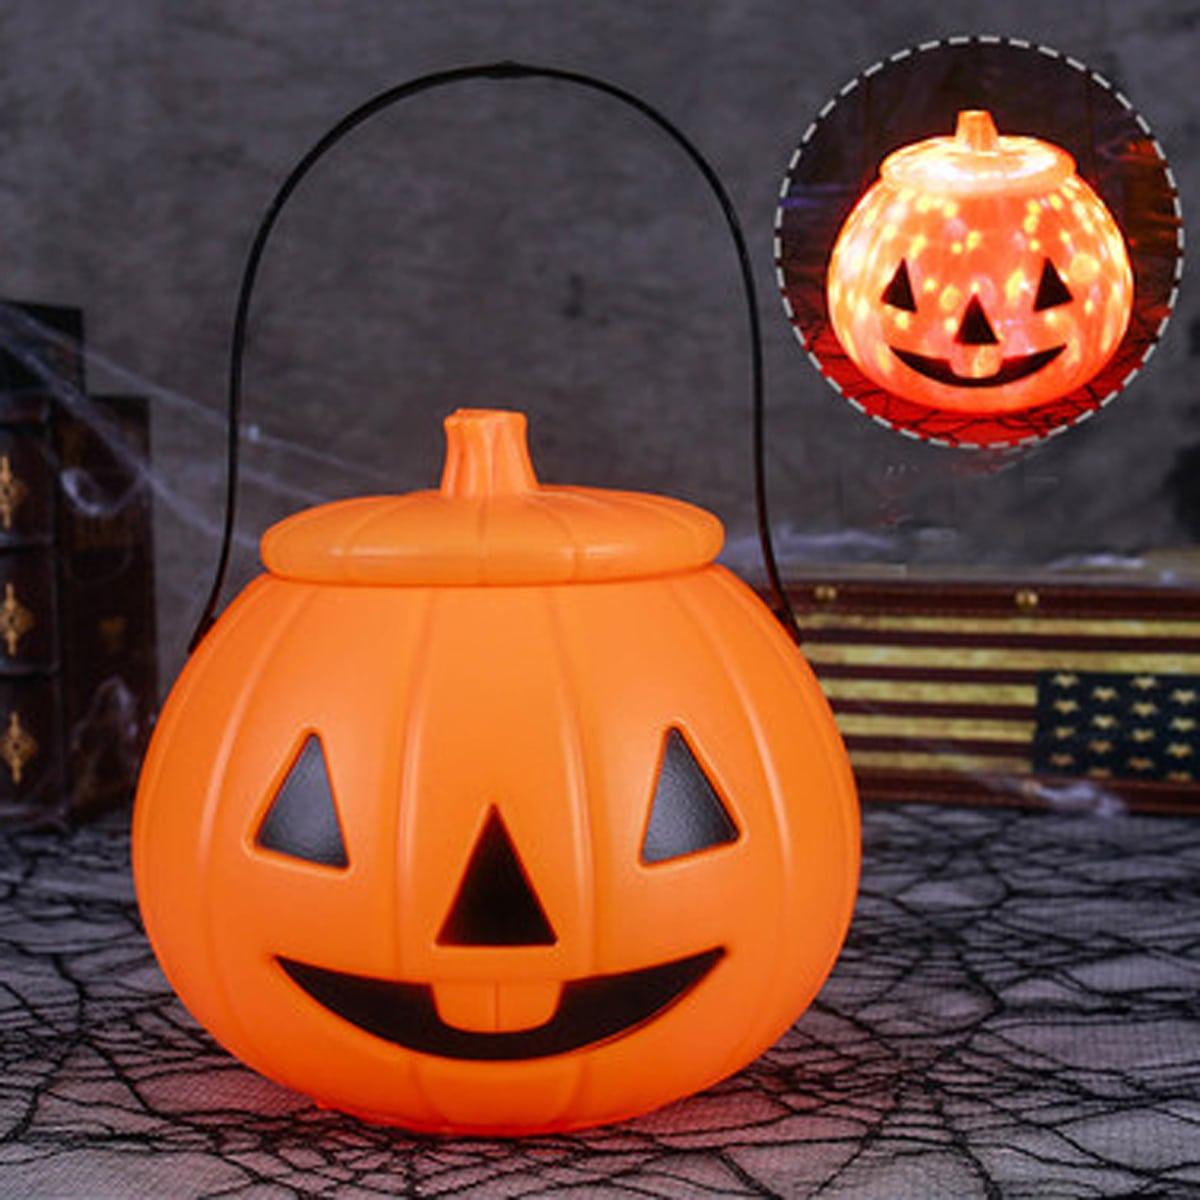 Halloween-pompoenvormige draagbare koperen lantaarn